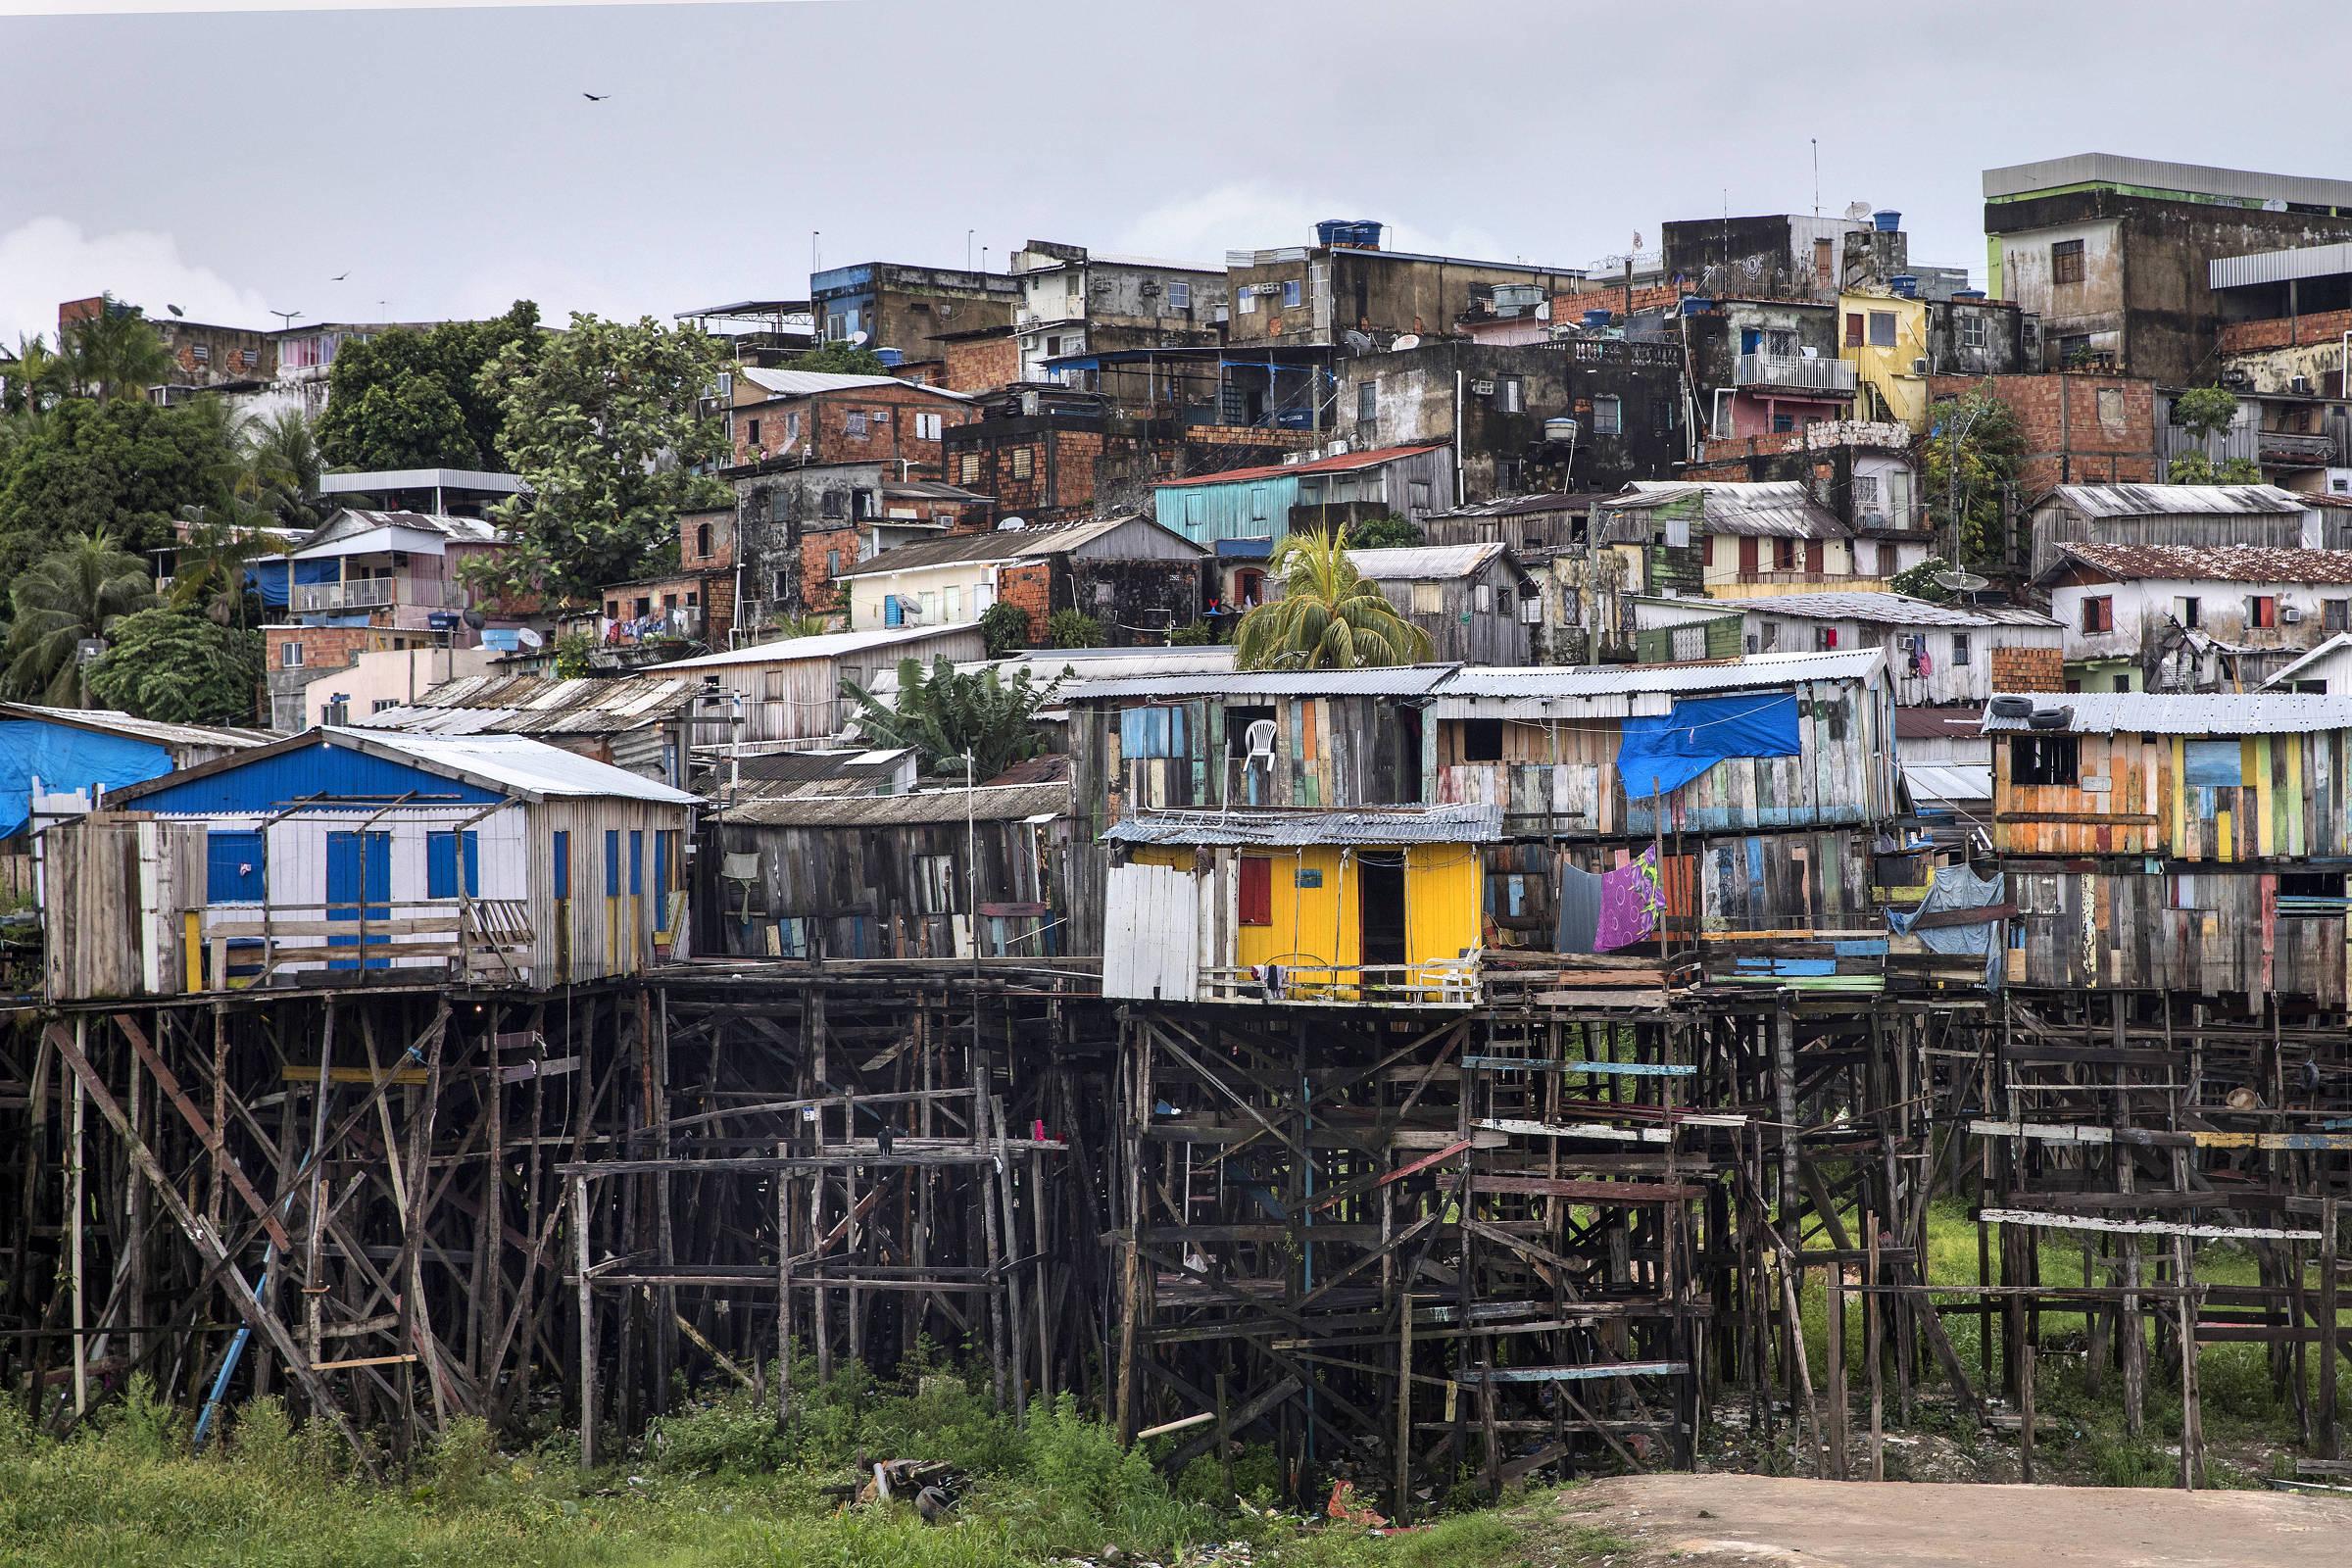 Fileiras de palafitas, casas construídas elevadas sobre estruturas de madeira, algumas coloridas, em frente a casas de alvenaria, no bairro Educandos, no centro de Manaus